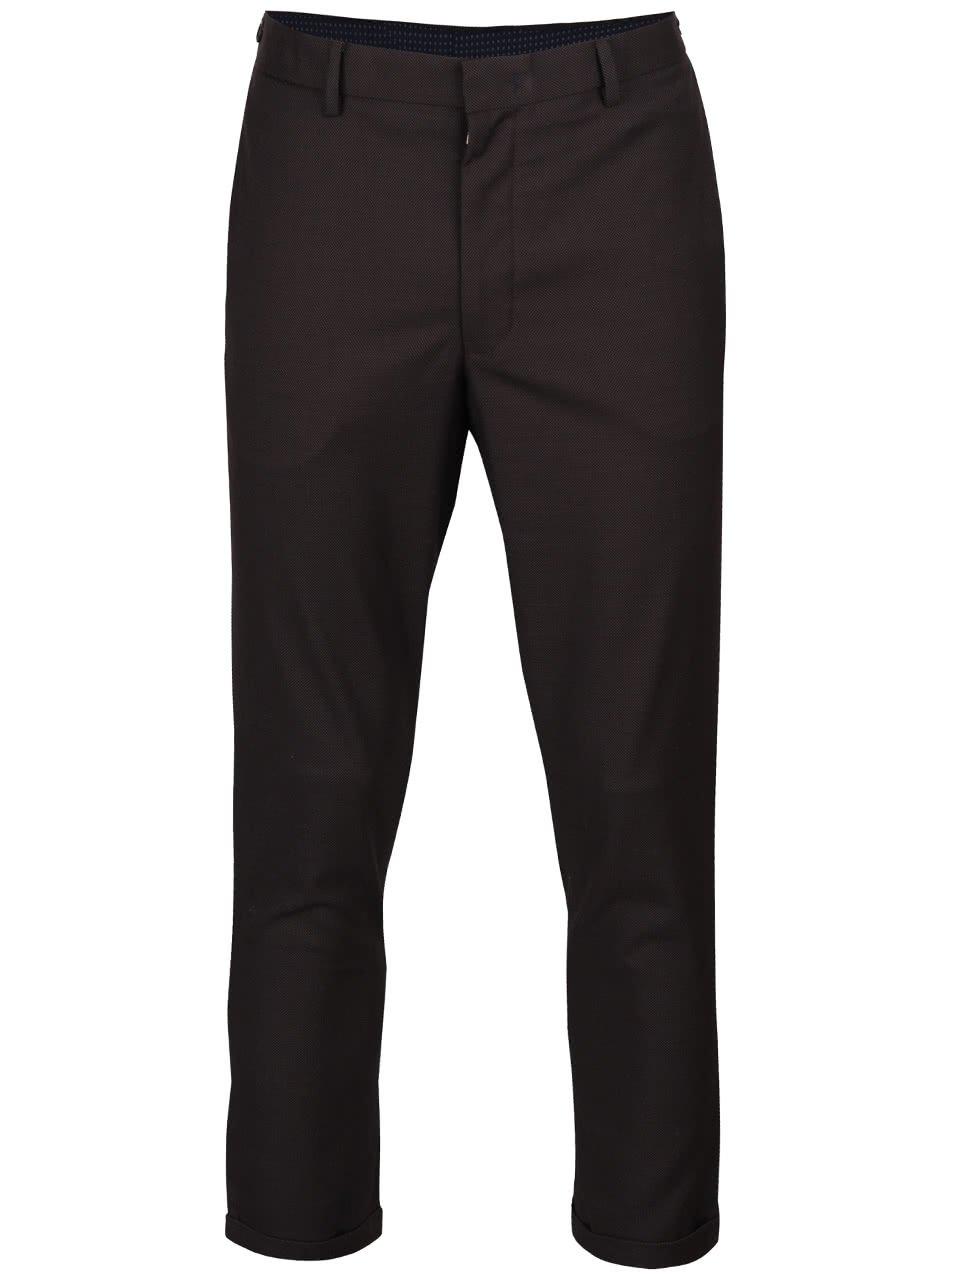 Šedohnědé skinny kalhoty s jemným vzorem Burton Menswear London